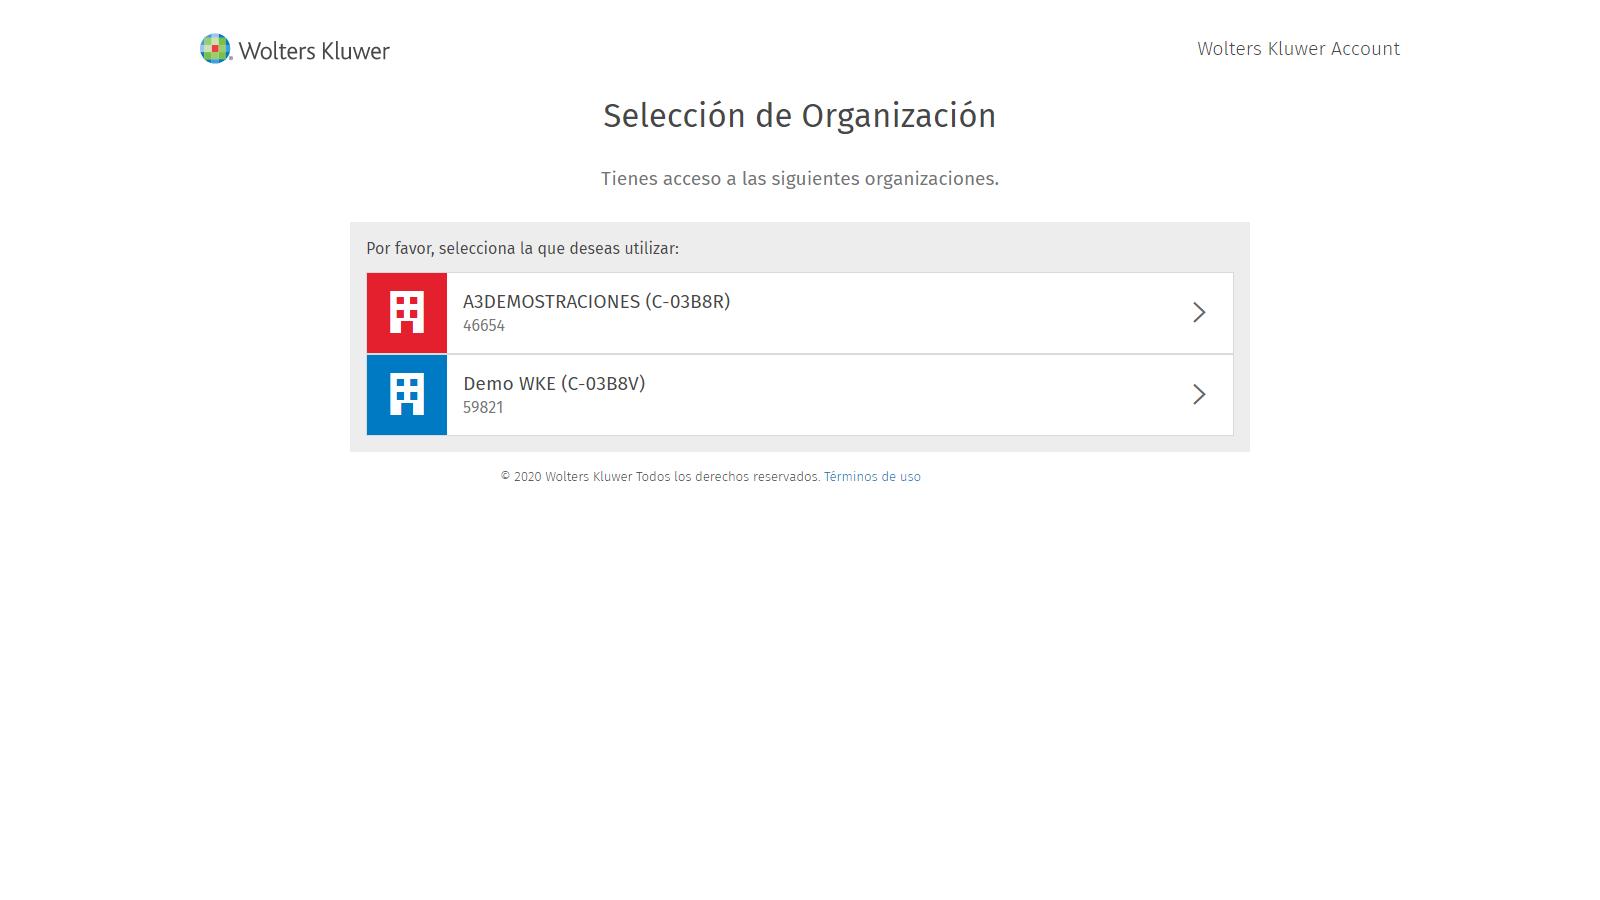 Seleccion de Organizacion